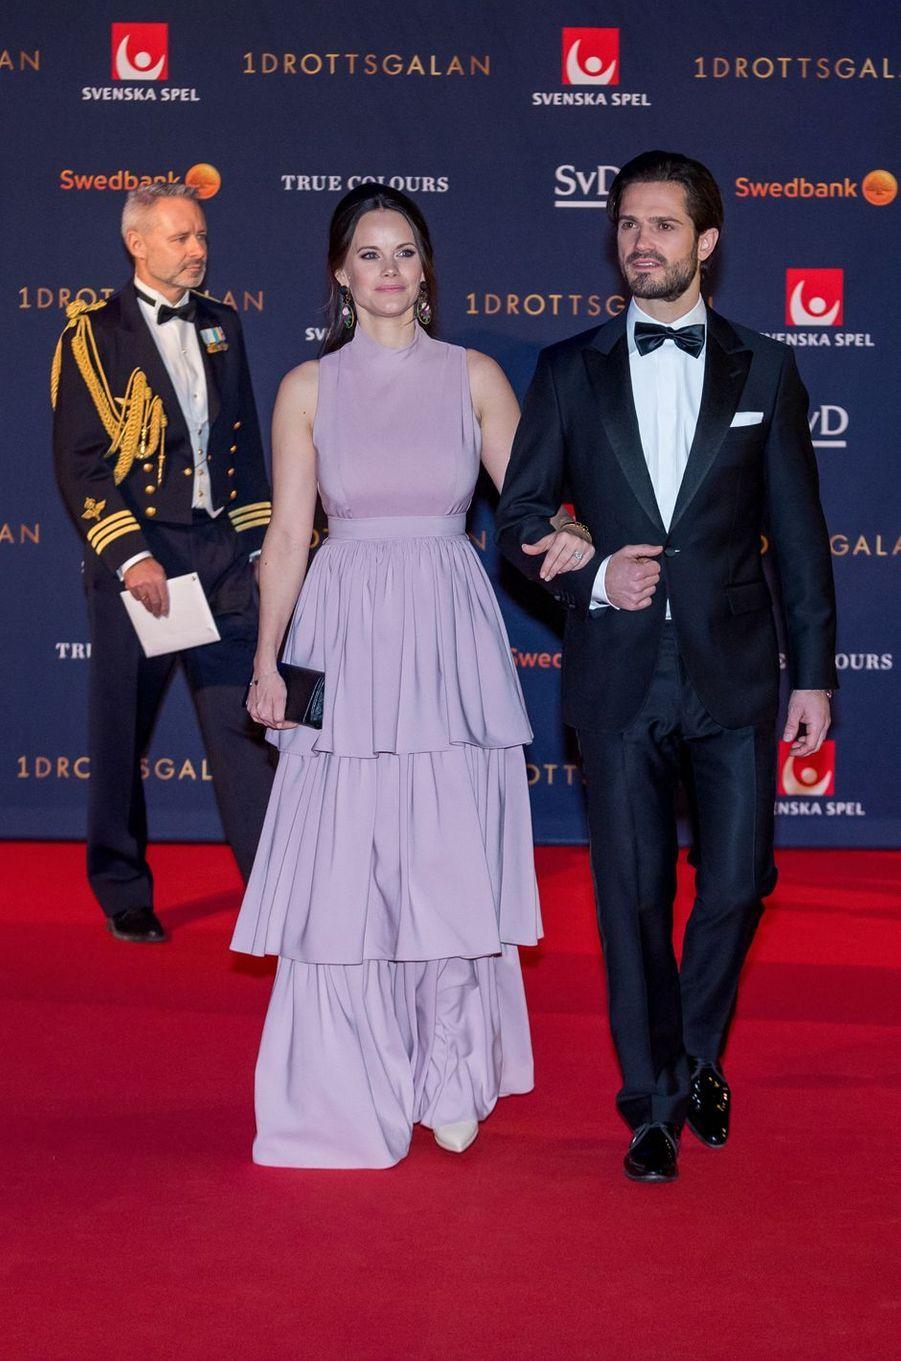 La princesse Sofia au bras de son époux, le prince Carl Philip de Suède, à Stockholm le 15 janvier 2018